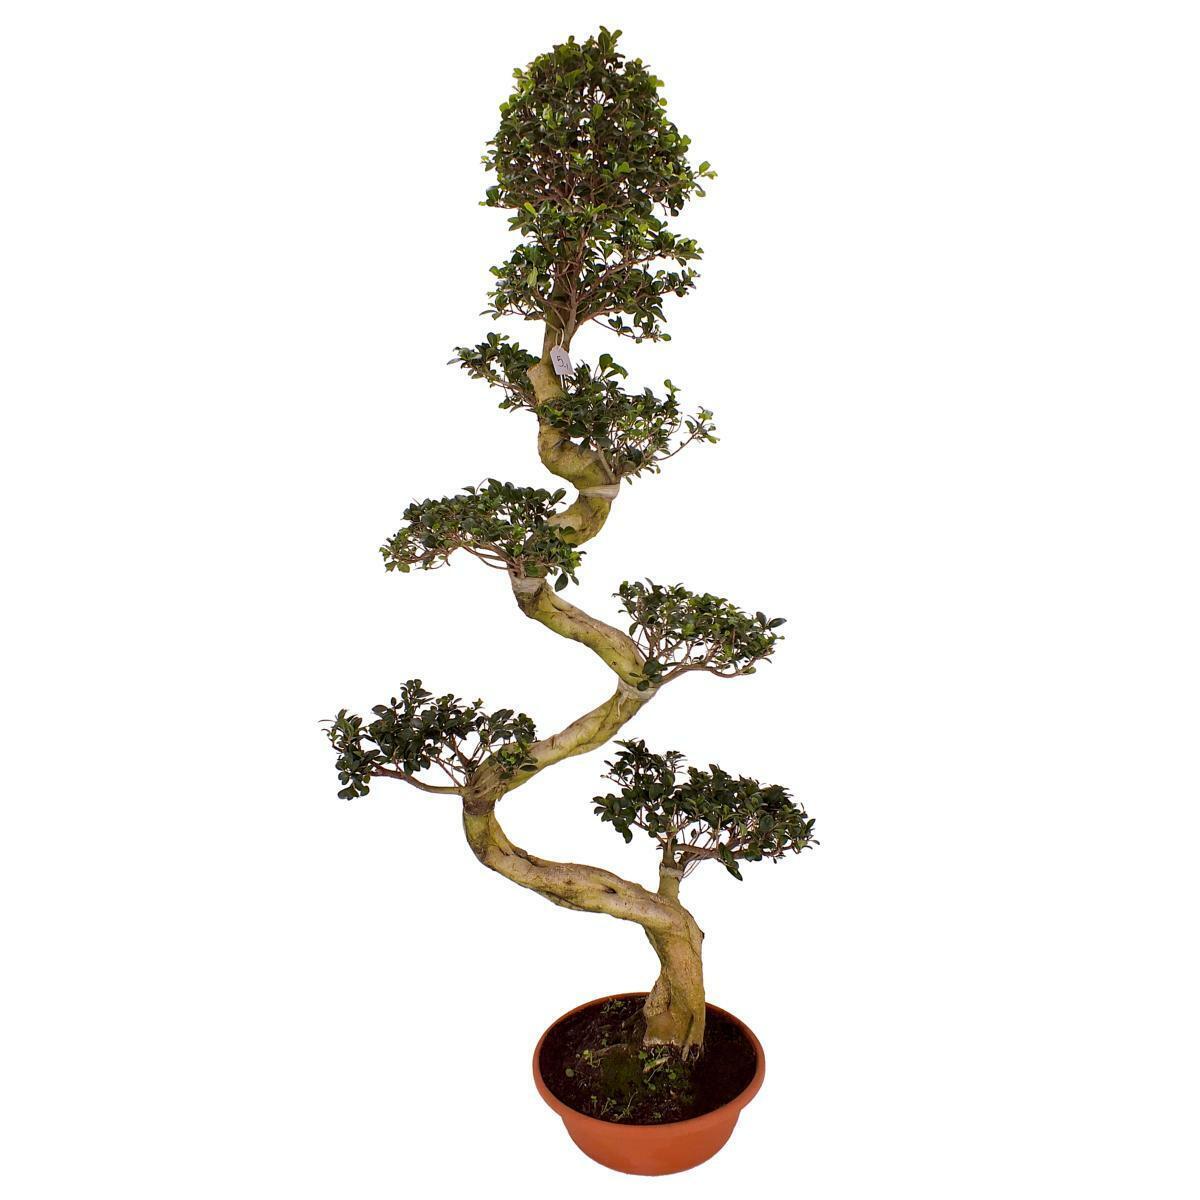 Bonsai Ficus microcarpa Ginseng 200 cm  nesische Feige Zimmerpflanze